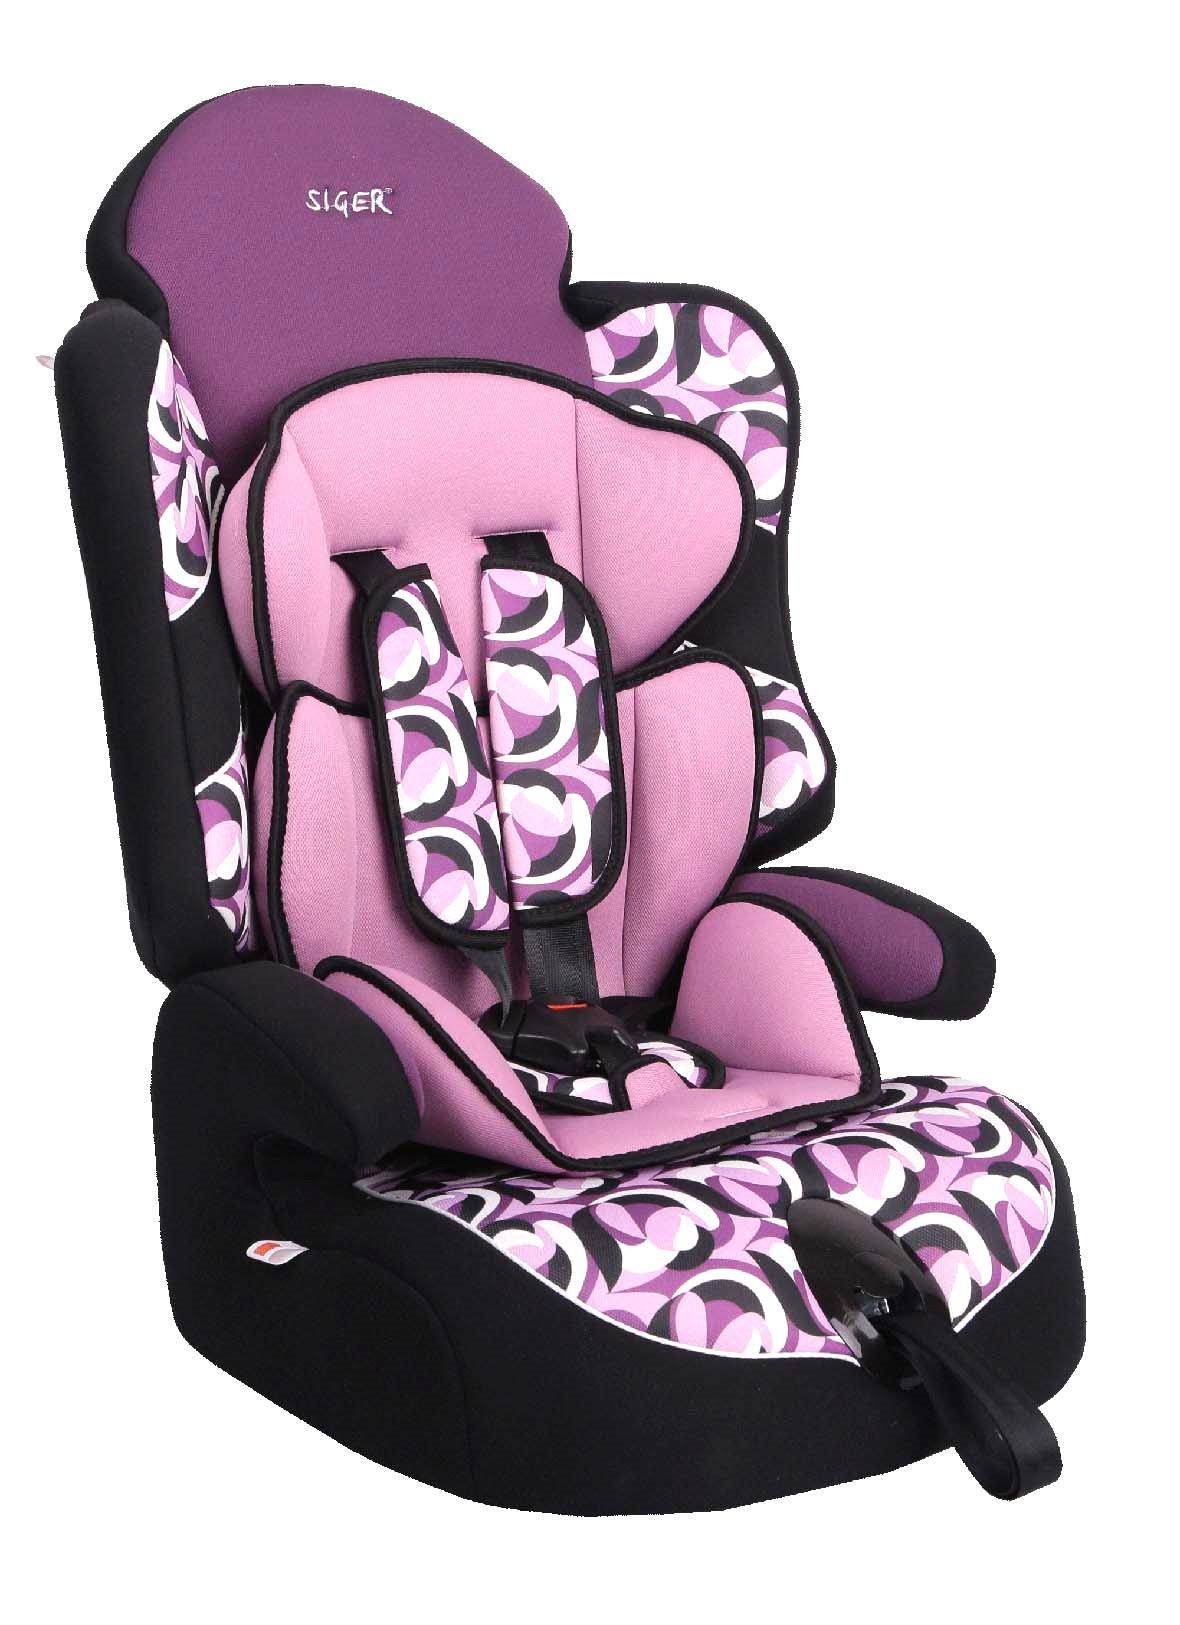 Купить Кресло детское автомобильное Siger ДРАЙВ kres0279